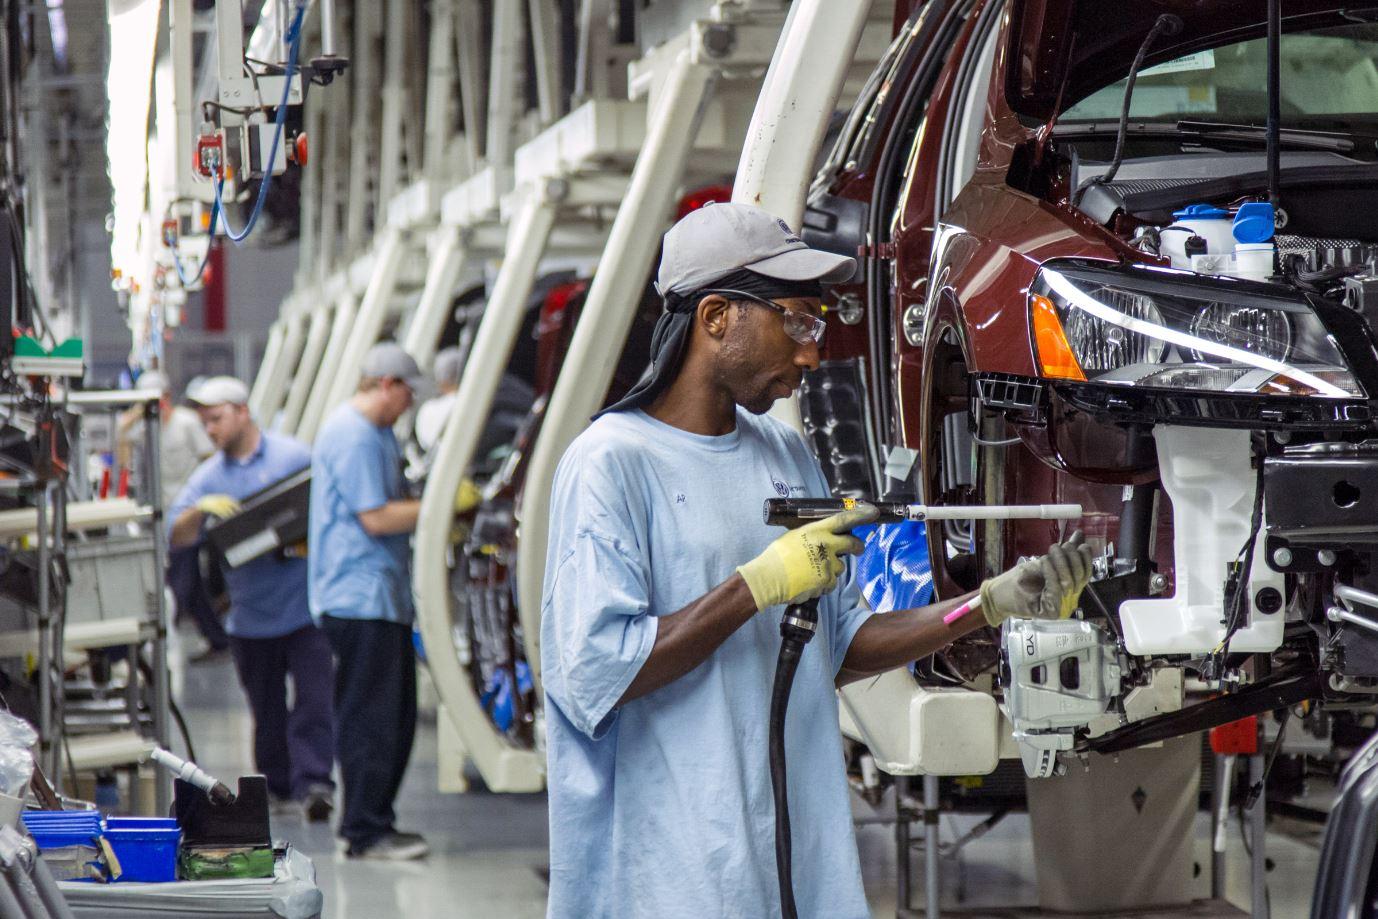 Internacionales: Trump amenaza con imponer aranceles a todos los productos chinos importados